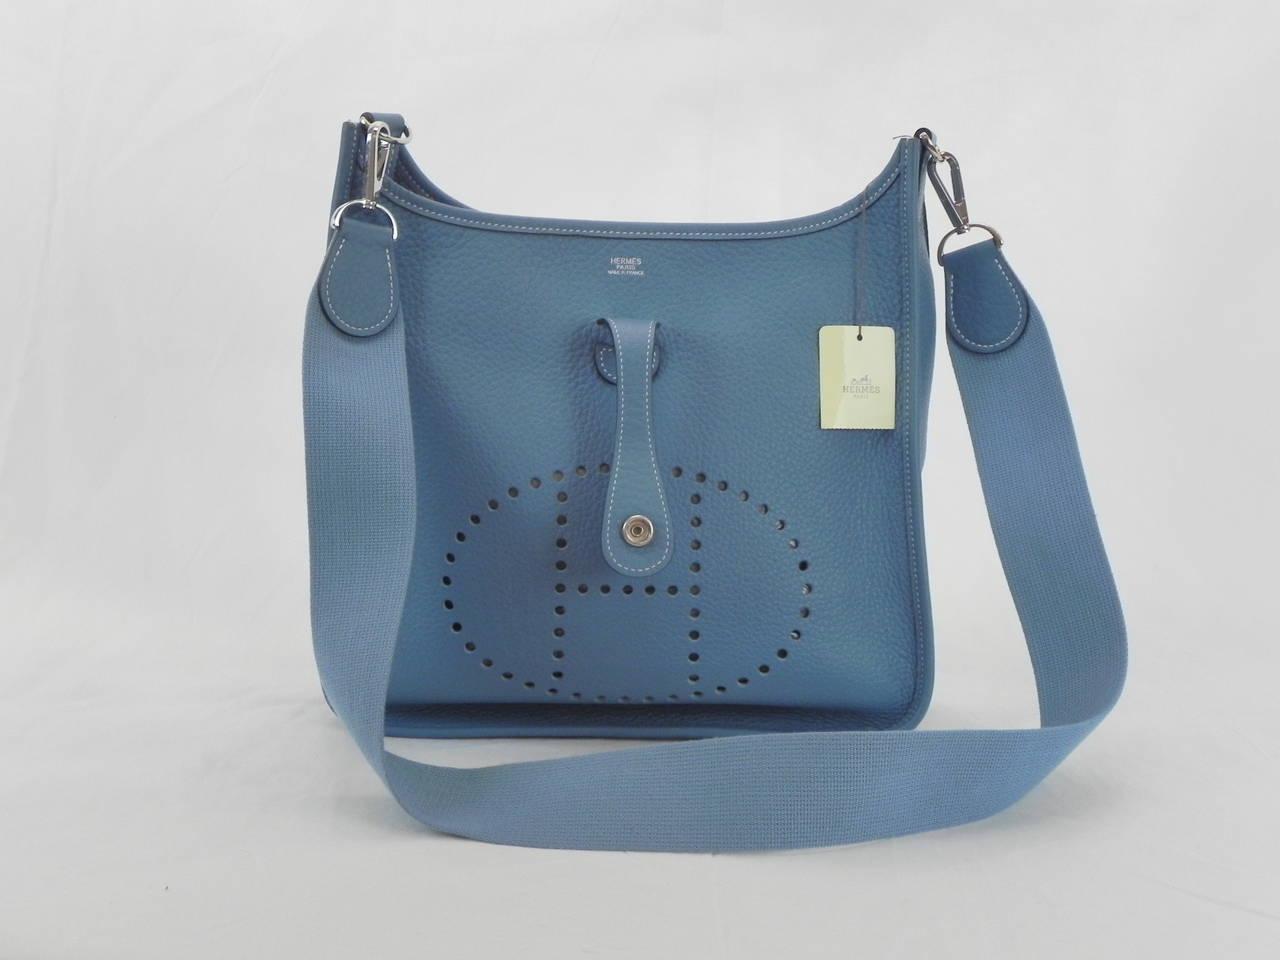 birkin bag knockoffs - hermes evelyne iii pm blue jean clemence, hermes lindy bag price